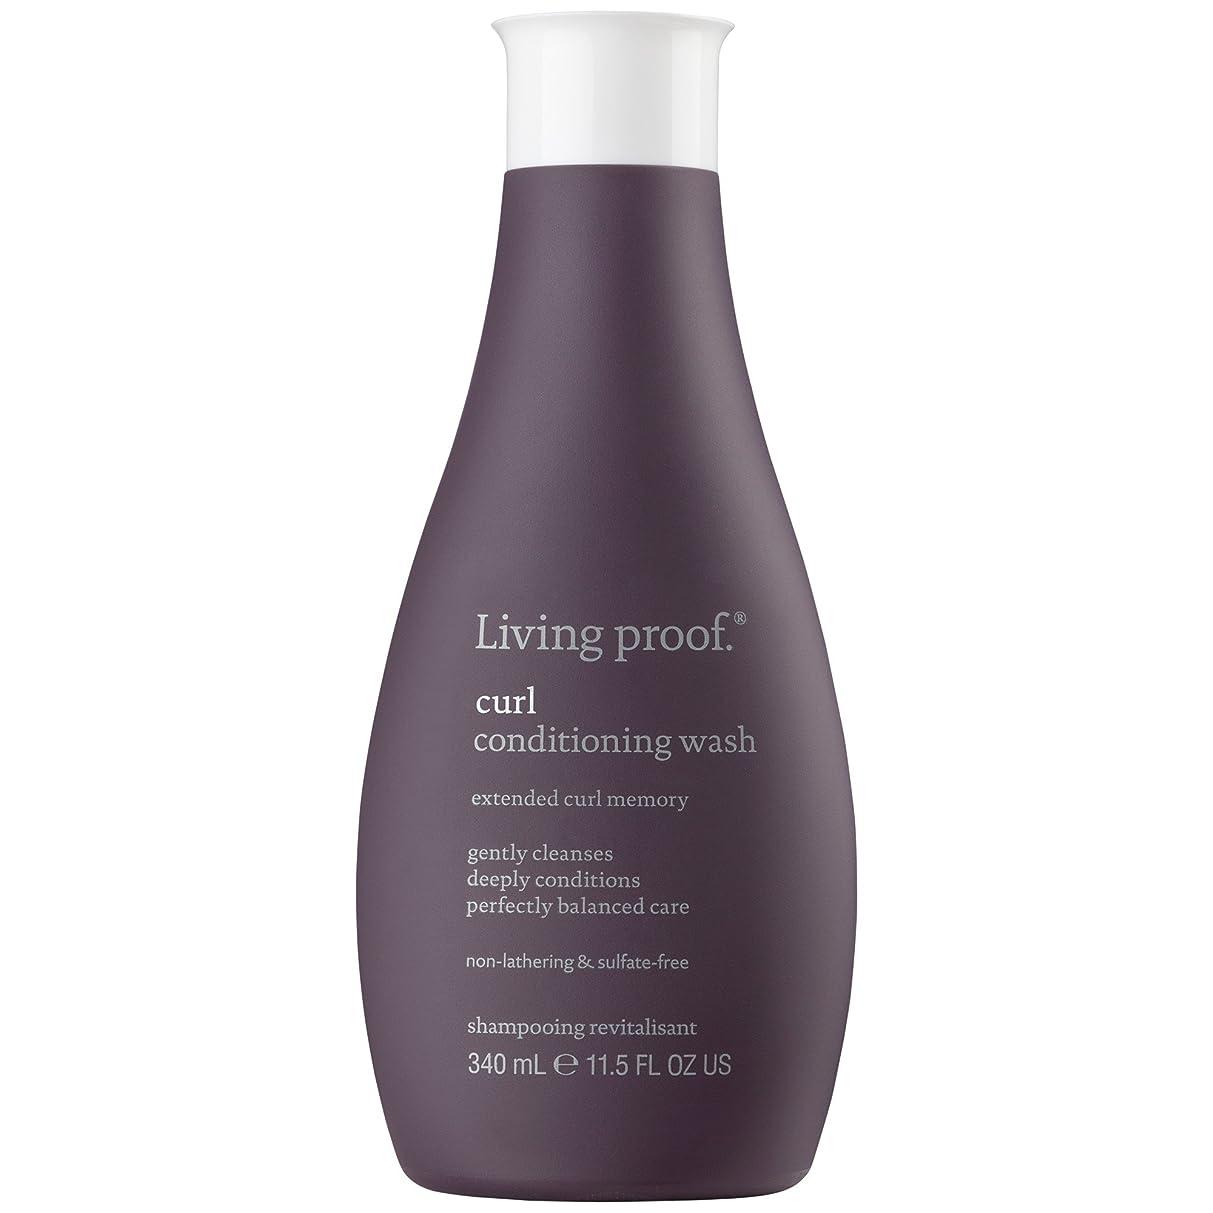 アンペア手荷物ファイナンス生きている証拠カールコンディショニングウォッシュ340ミリリットル (Living Proof) - Living Proof Curl Conditioning Wash 340ml [並行輸入品]